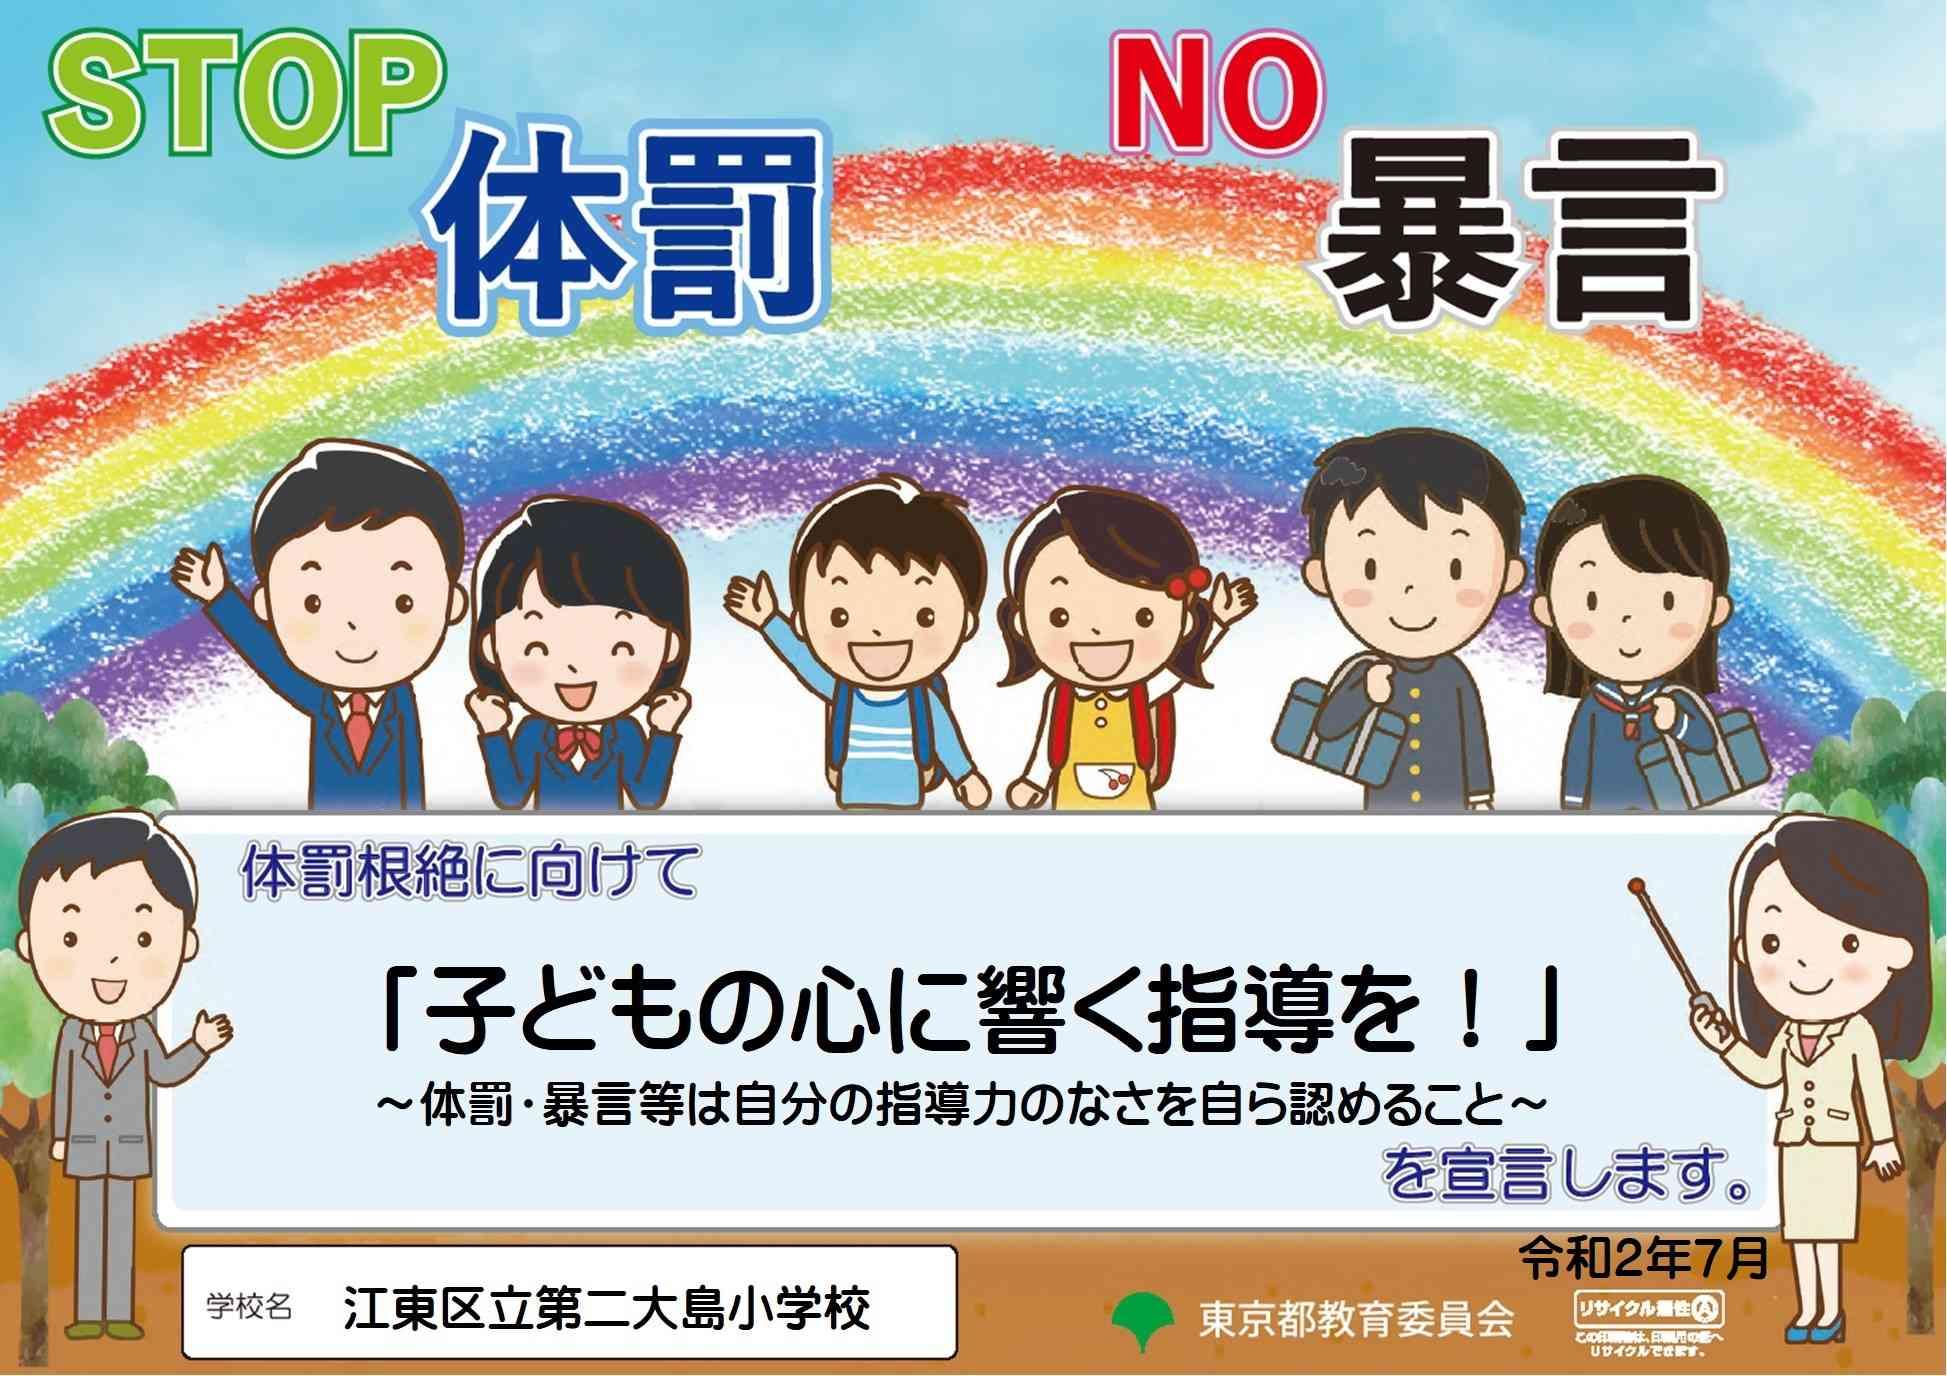 体罰根絶宣言ポスター(HP掲載).JPG